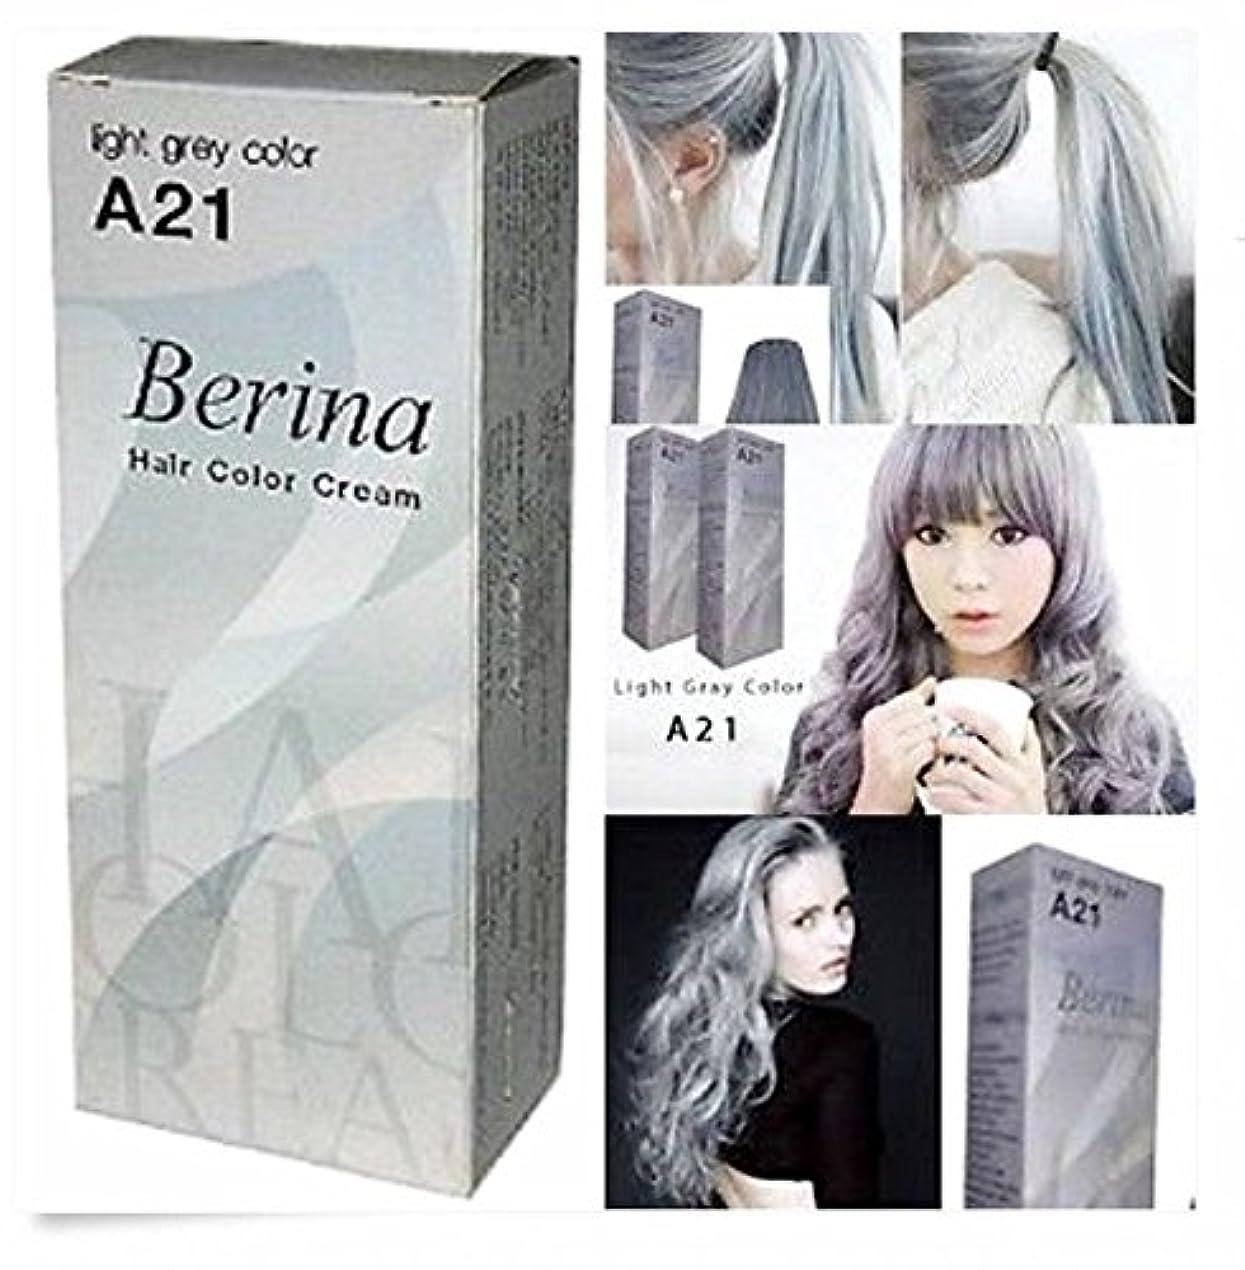 シティ郊外ライターベリーナ 永久毛染めカラークリーム 明るい灰色シルバー#21